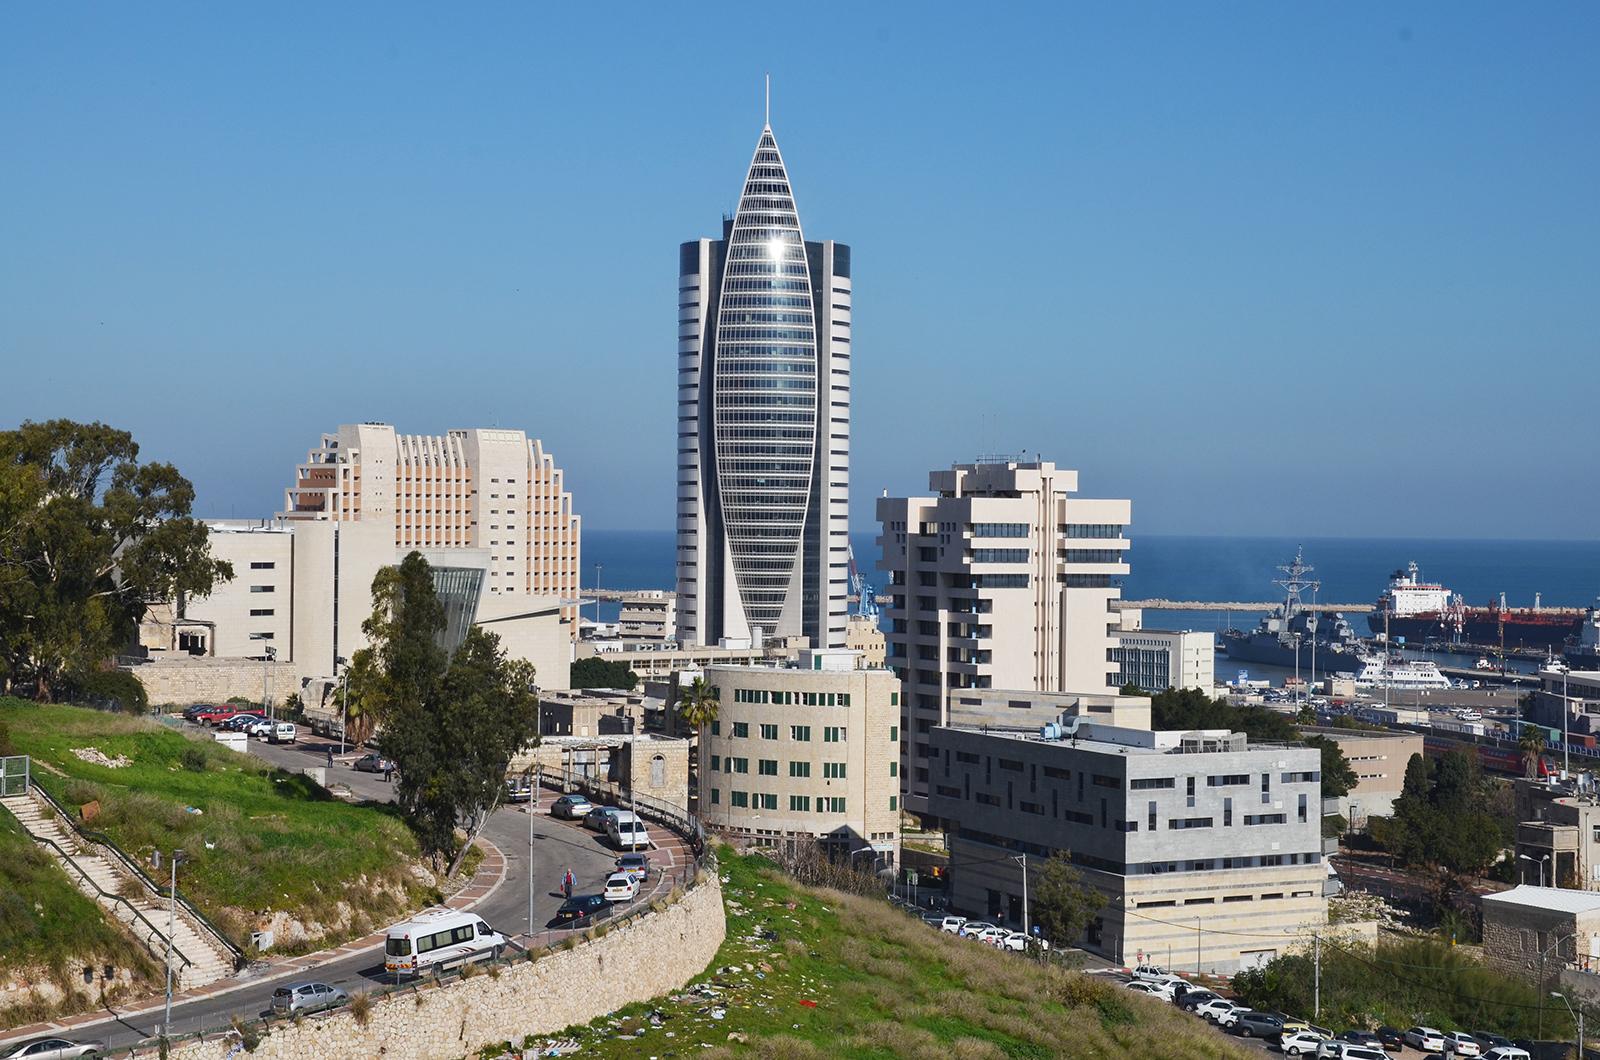 přístavní město Haifa, Izrael